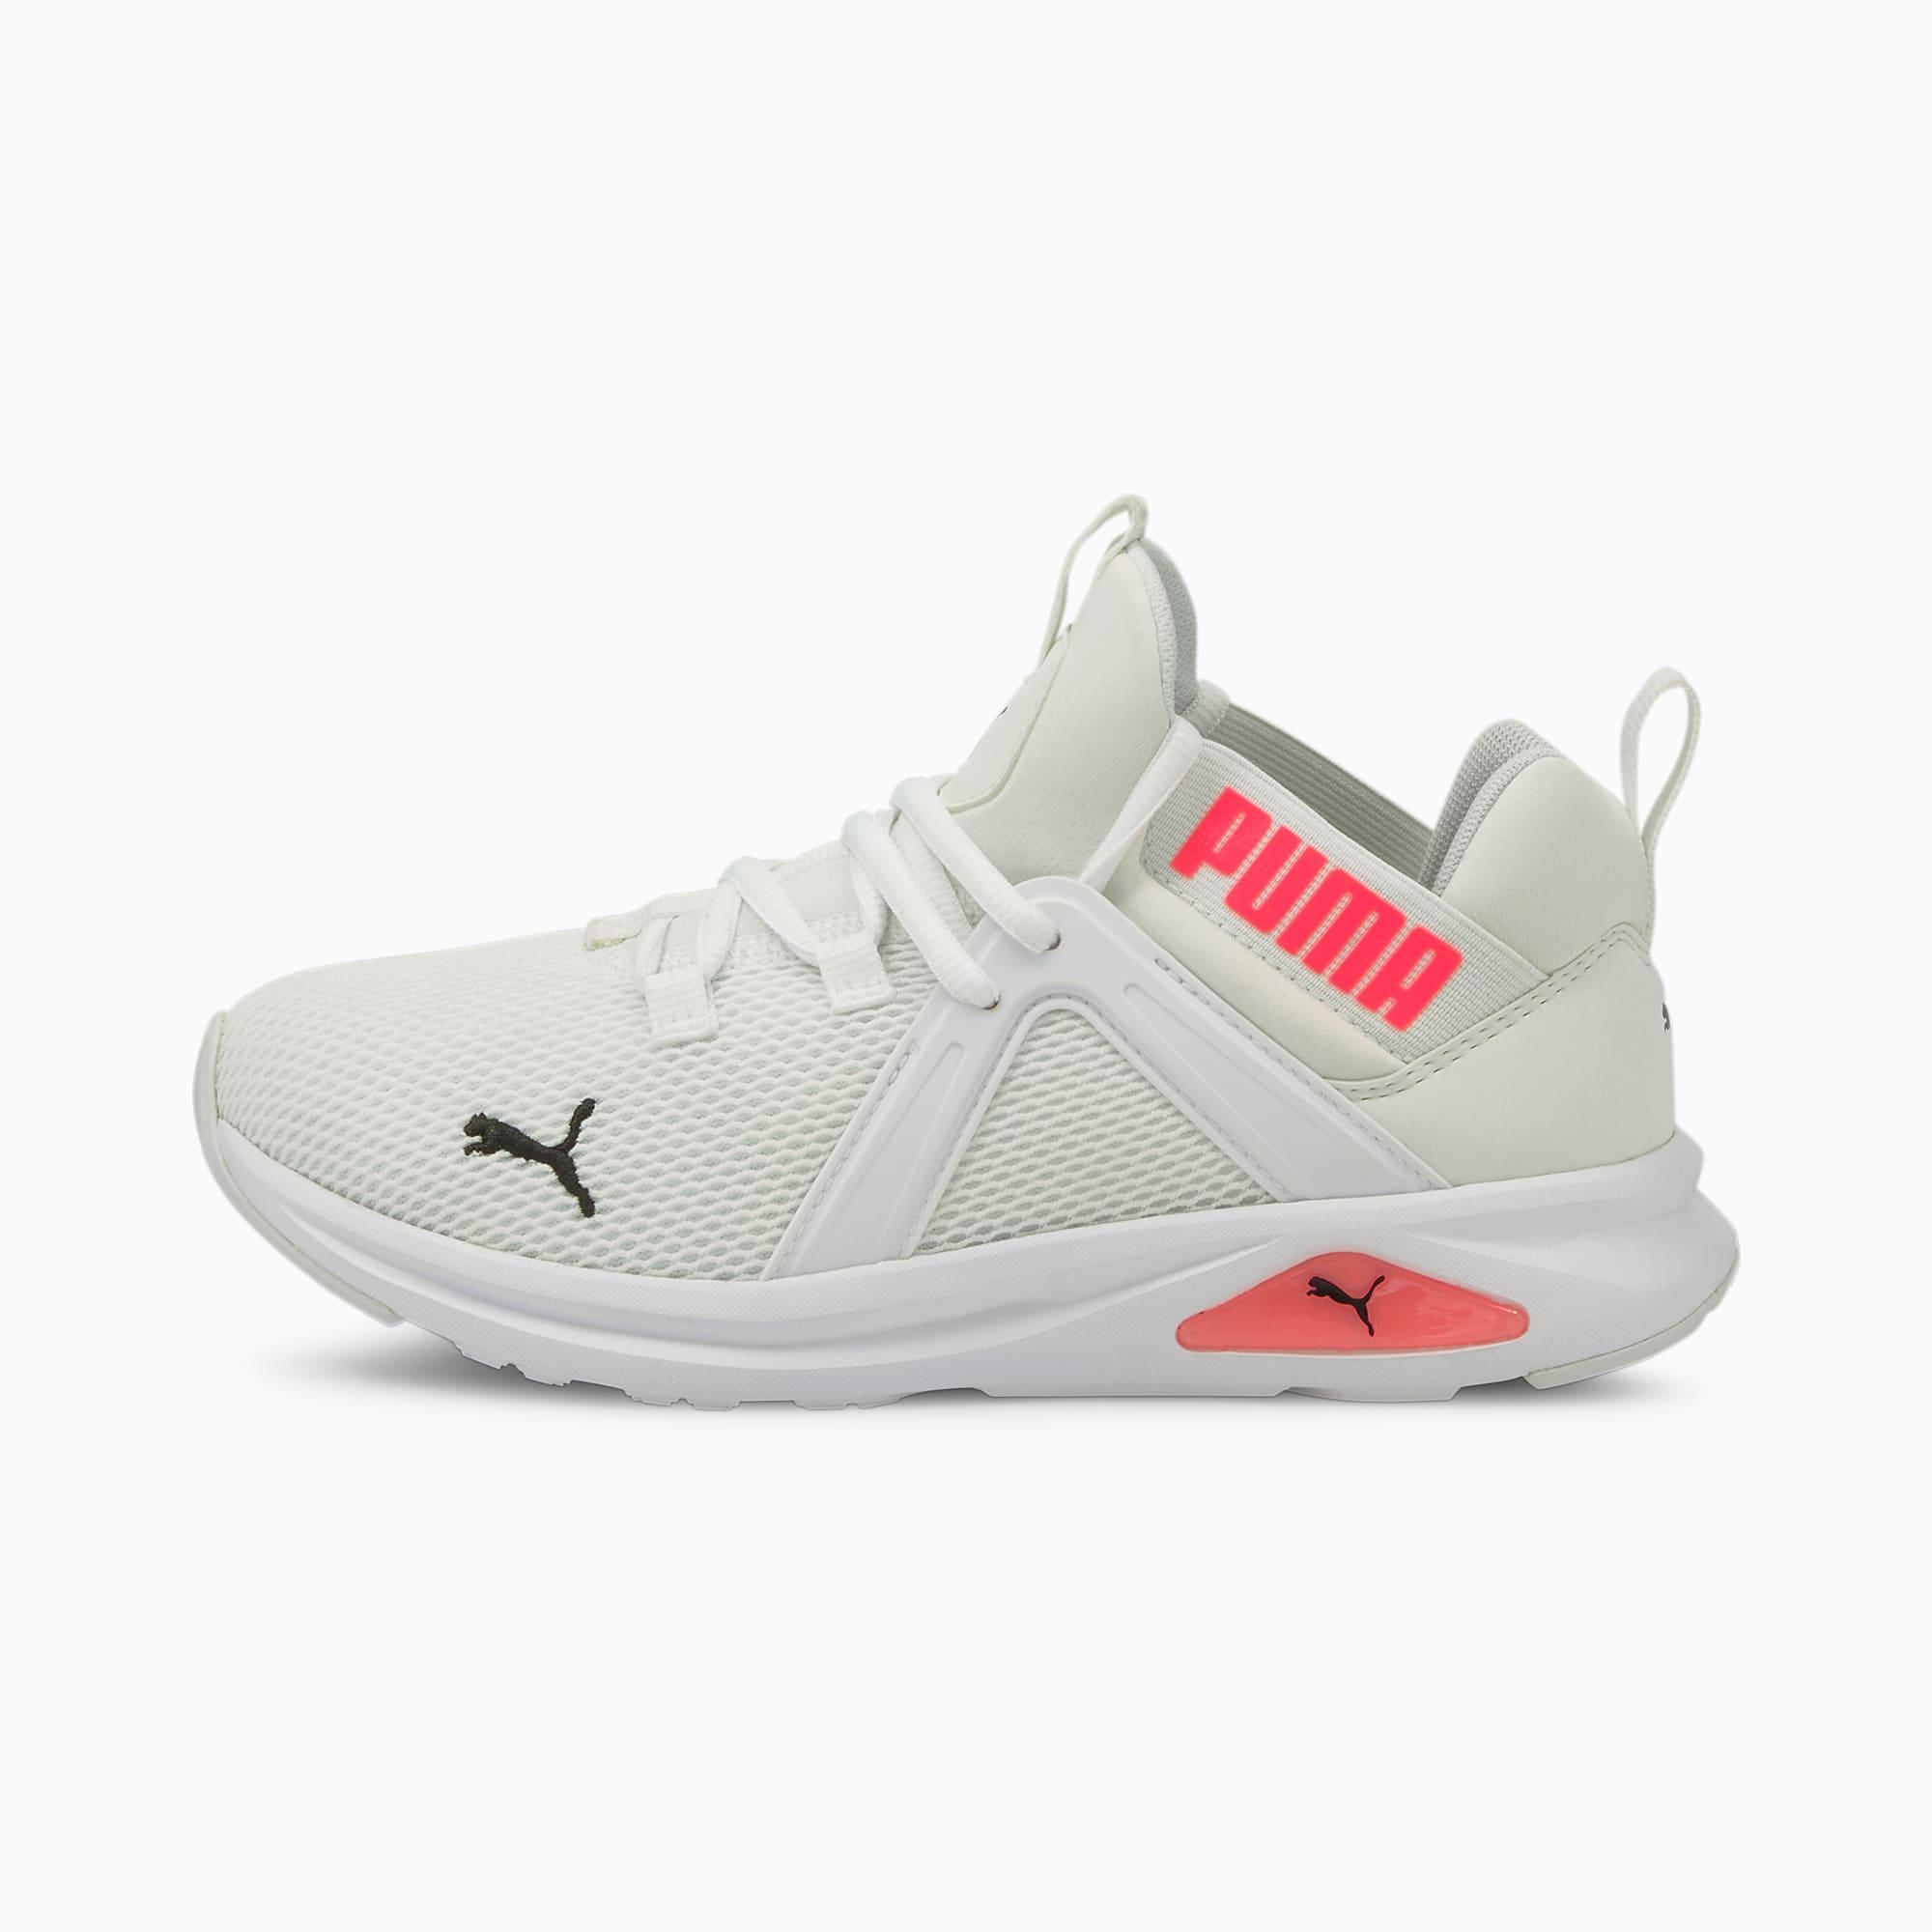 Zapatillas de Running Enzo 2 Para Mujer, Blanco/Rosado, Talla 37.5   PUMA Mujeres